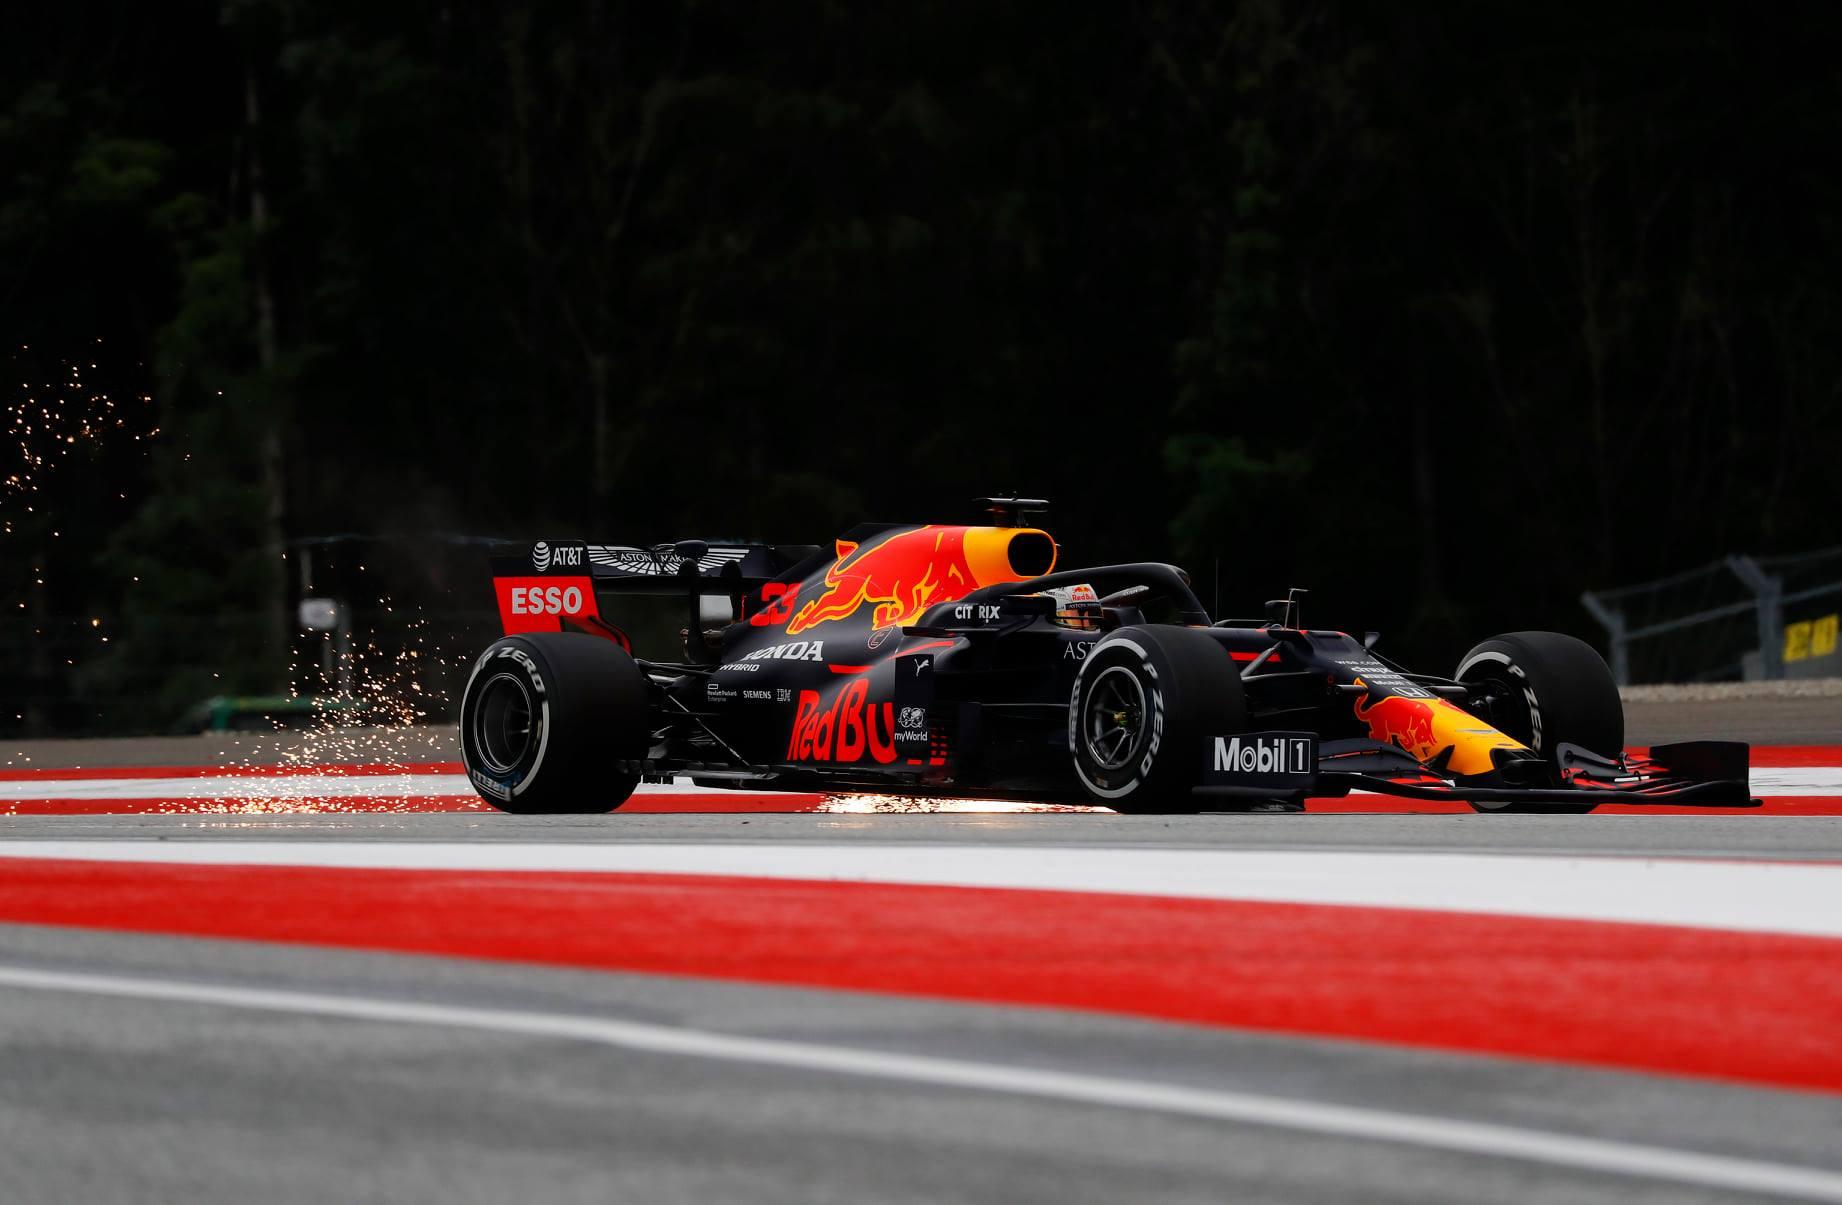 M. Verstappenas dėl atsilikimo nuo varžovų kaltina apgadintą bolido sparną